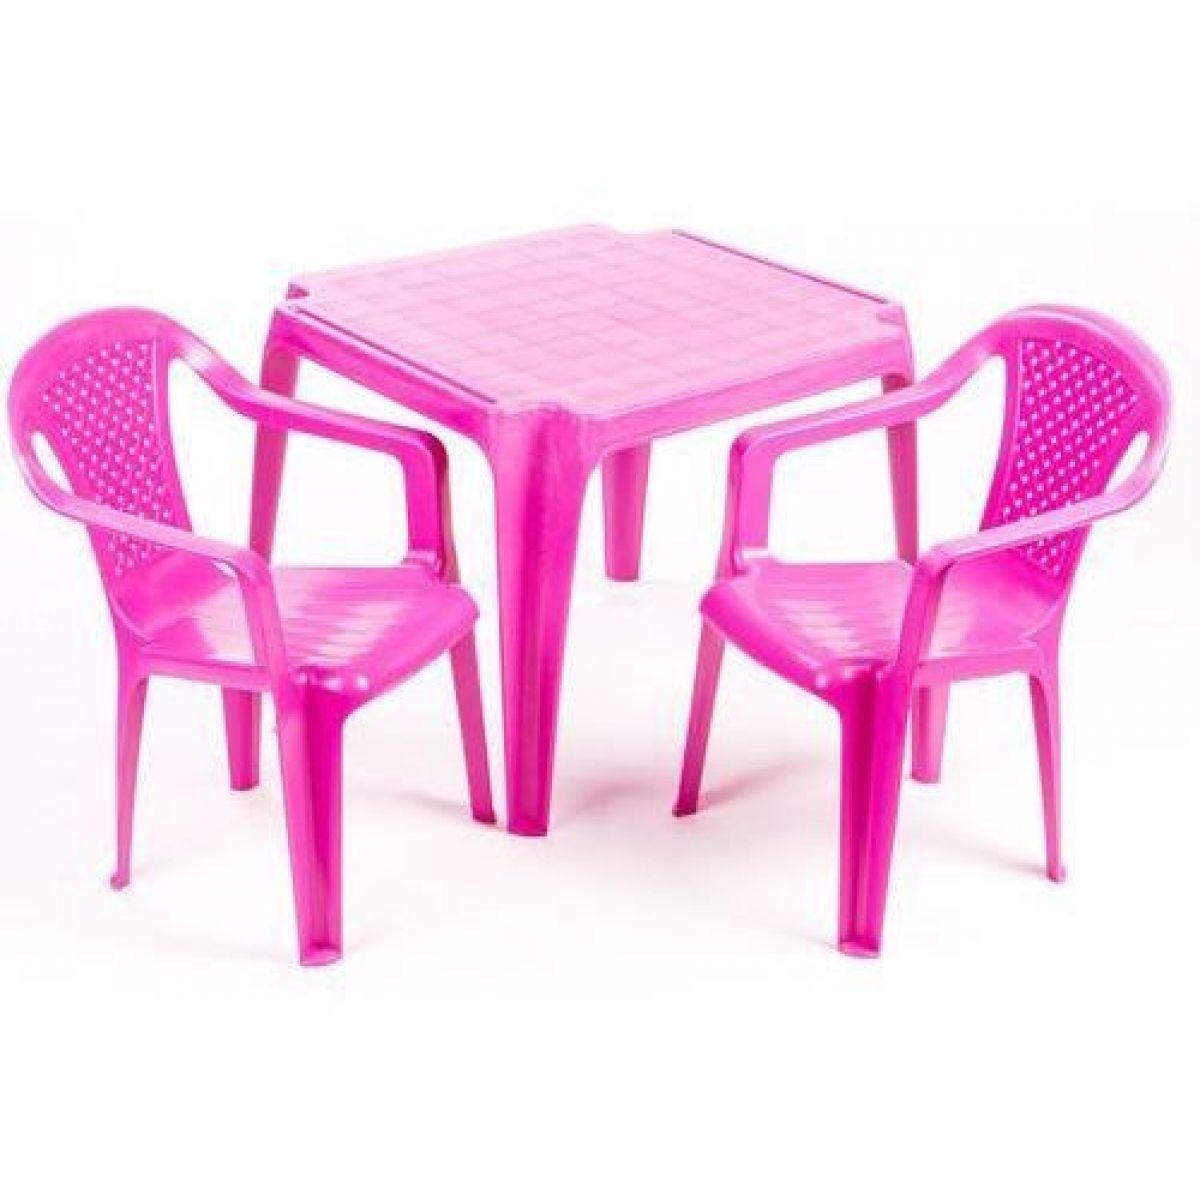 Ipae sada 2 stoličky so stolčekom ružová